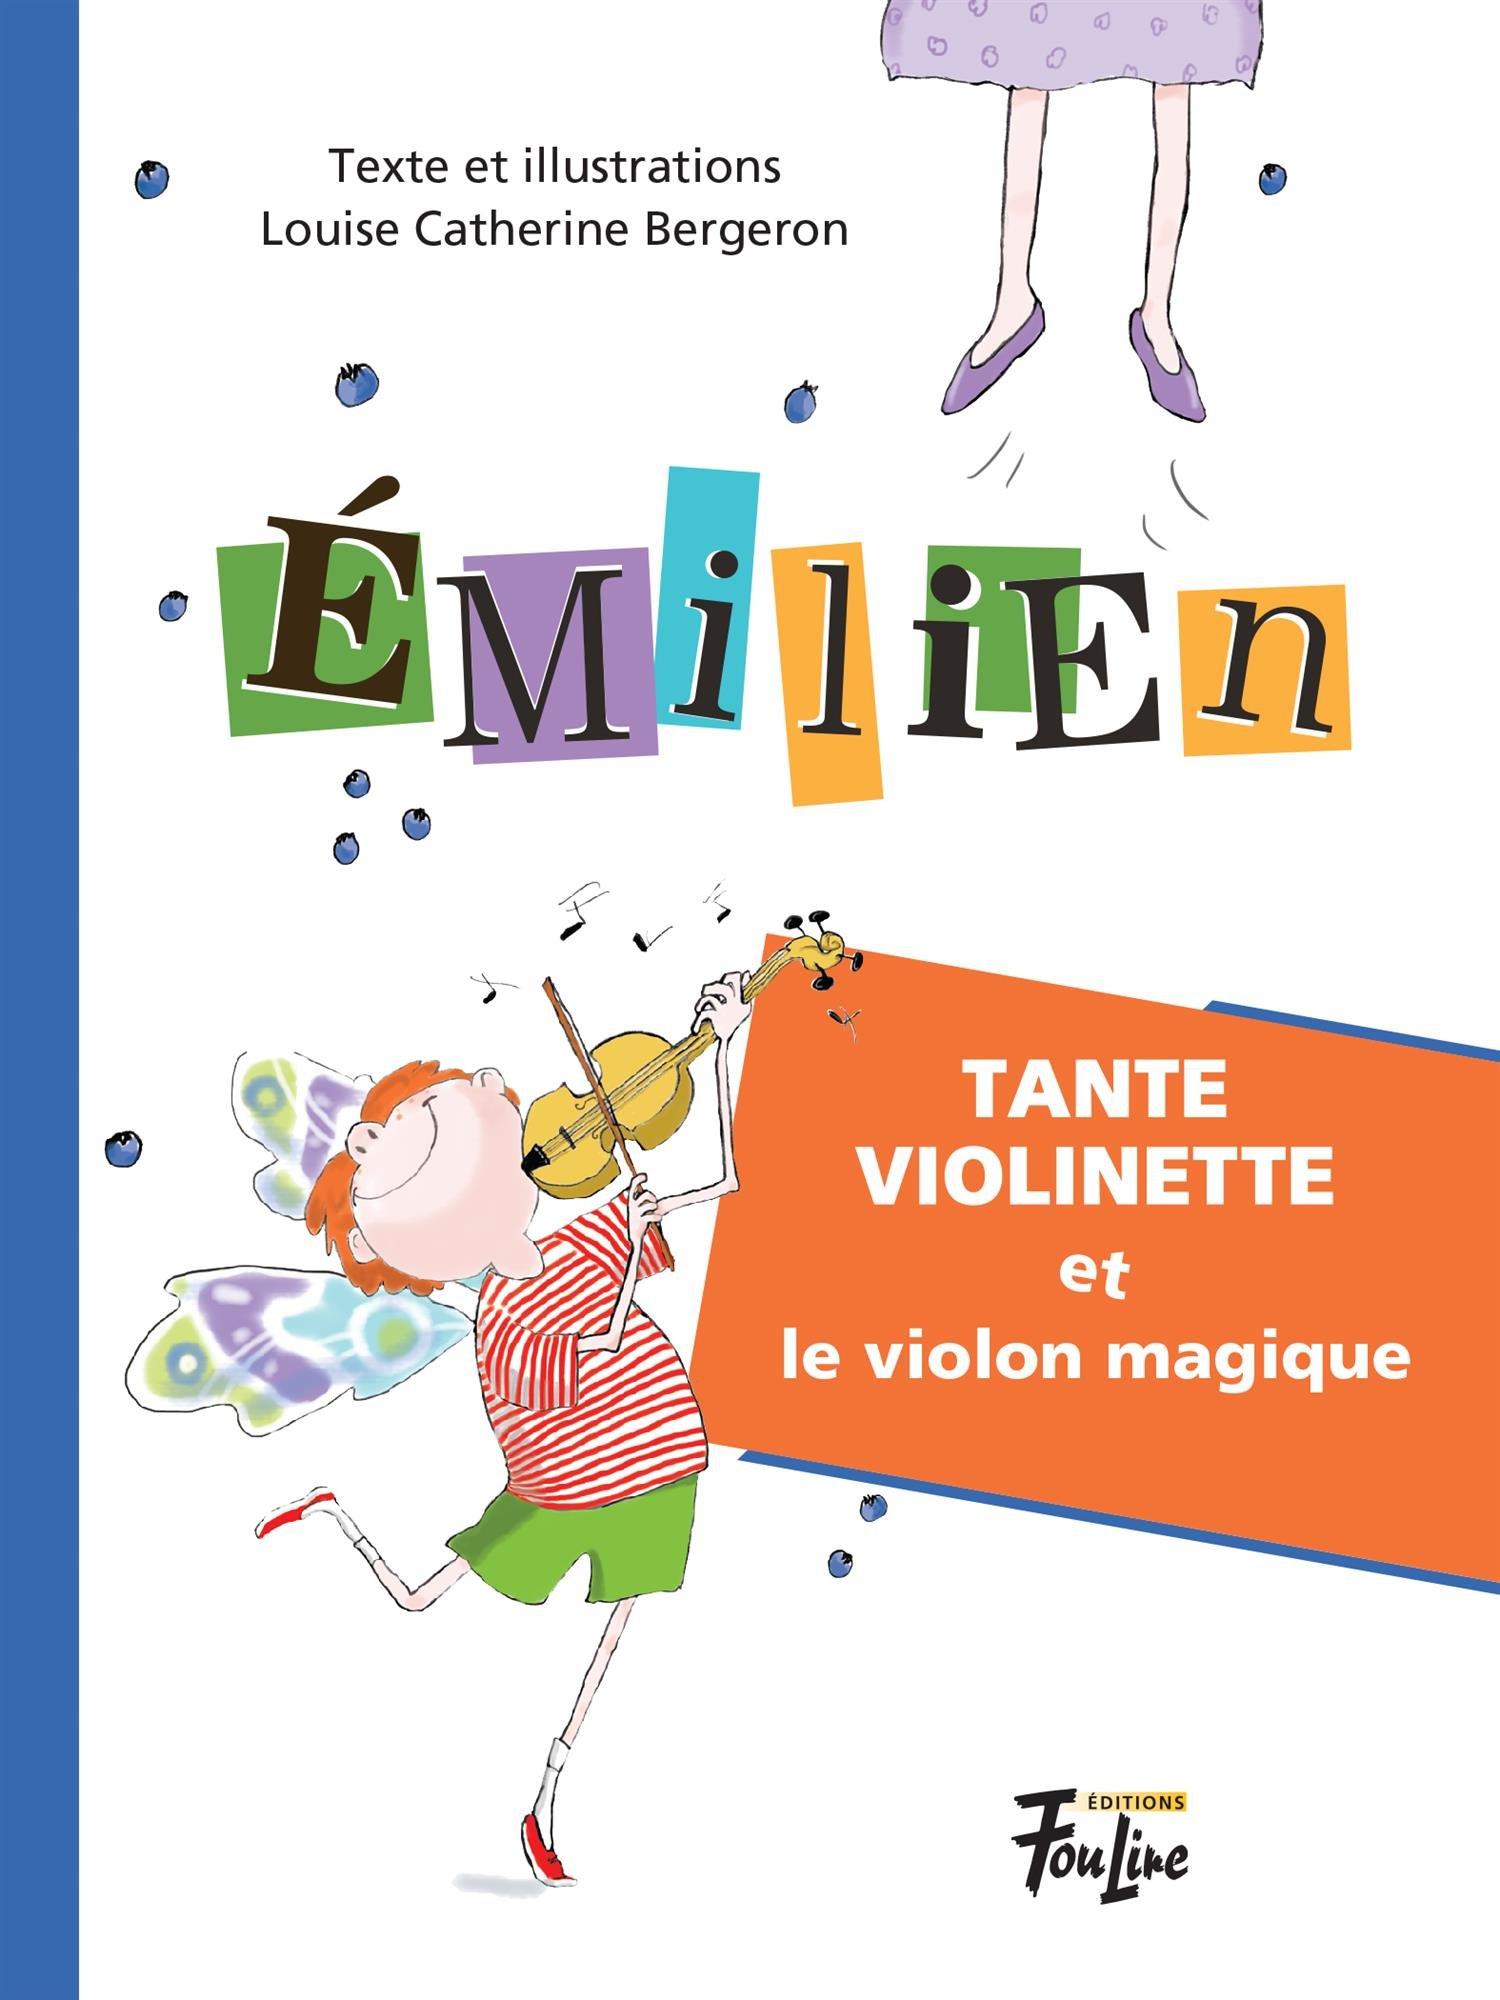 Tante Violinette et le violon magique